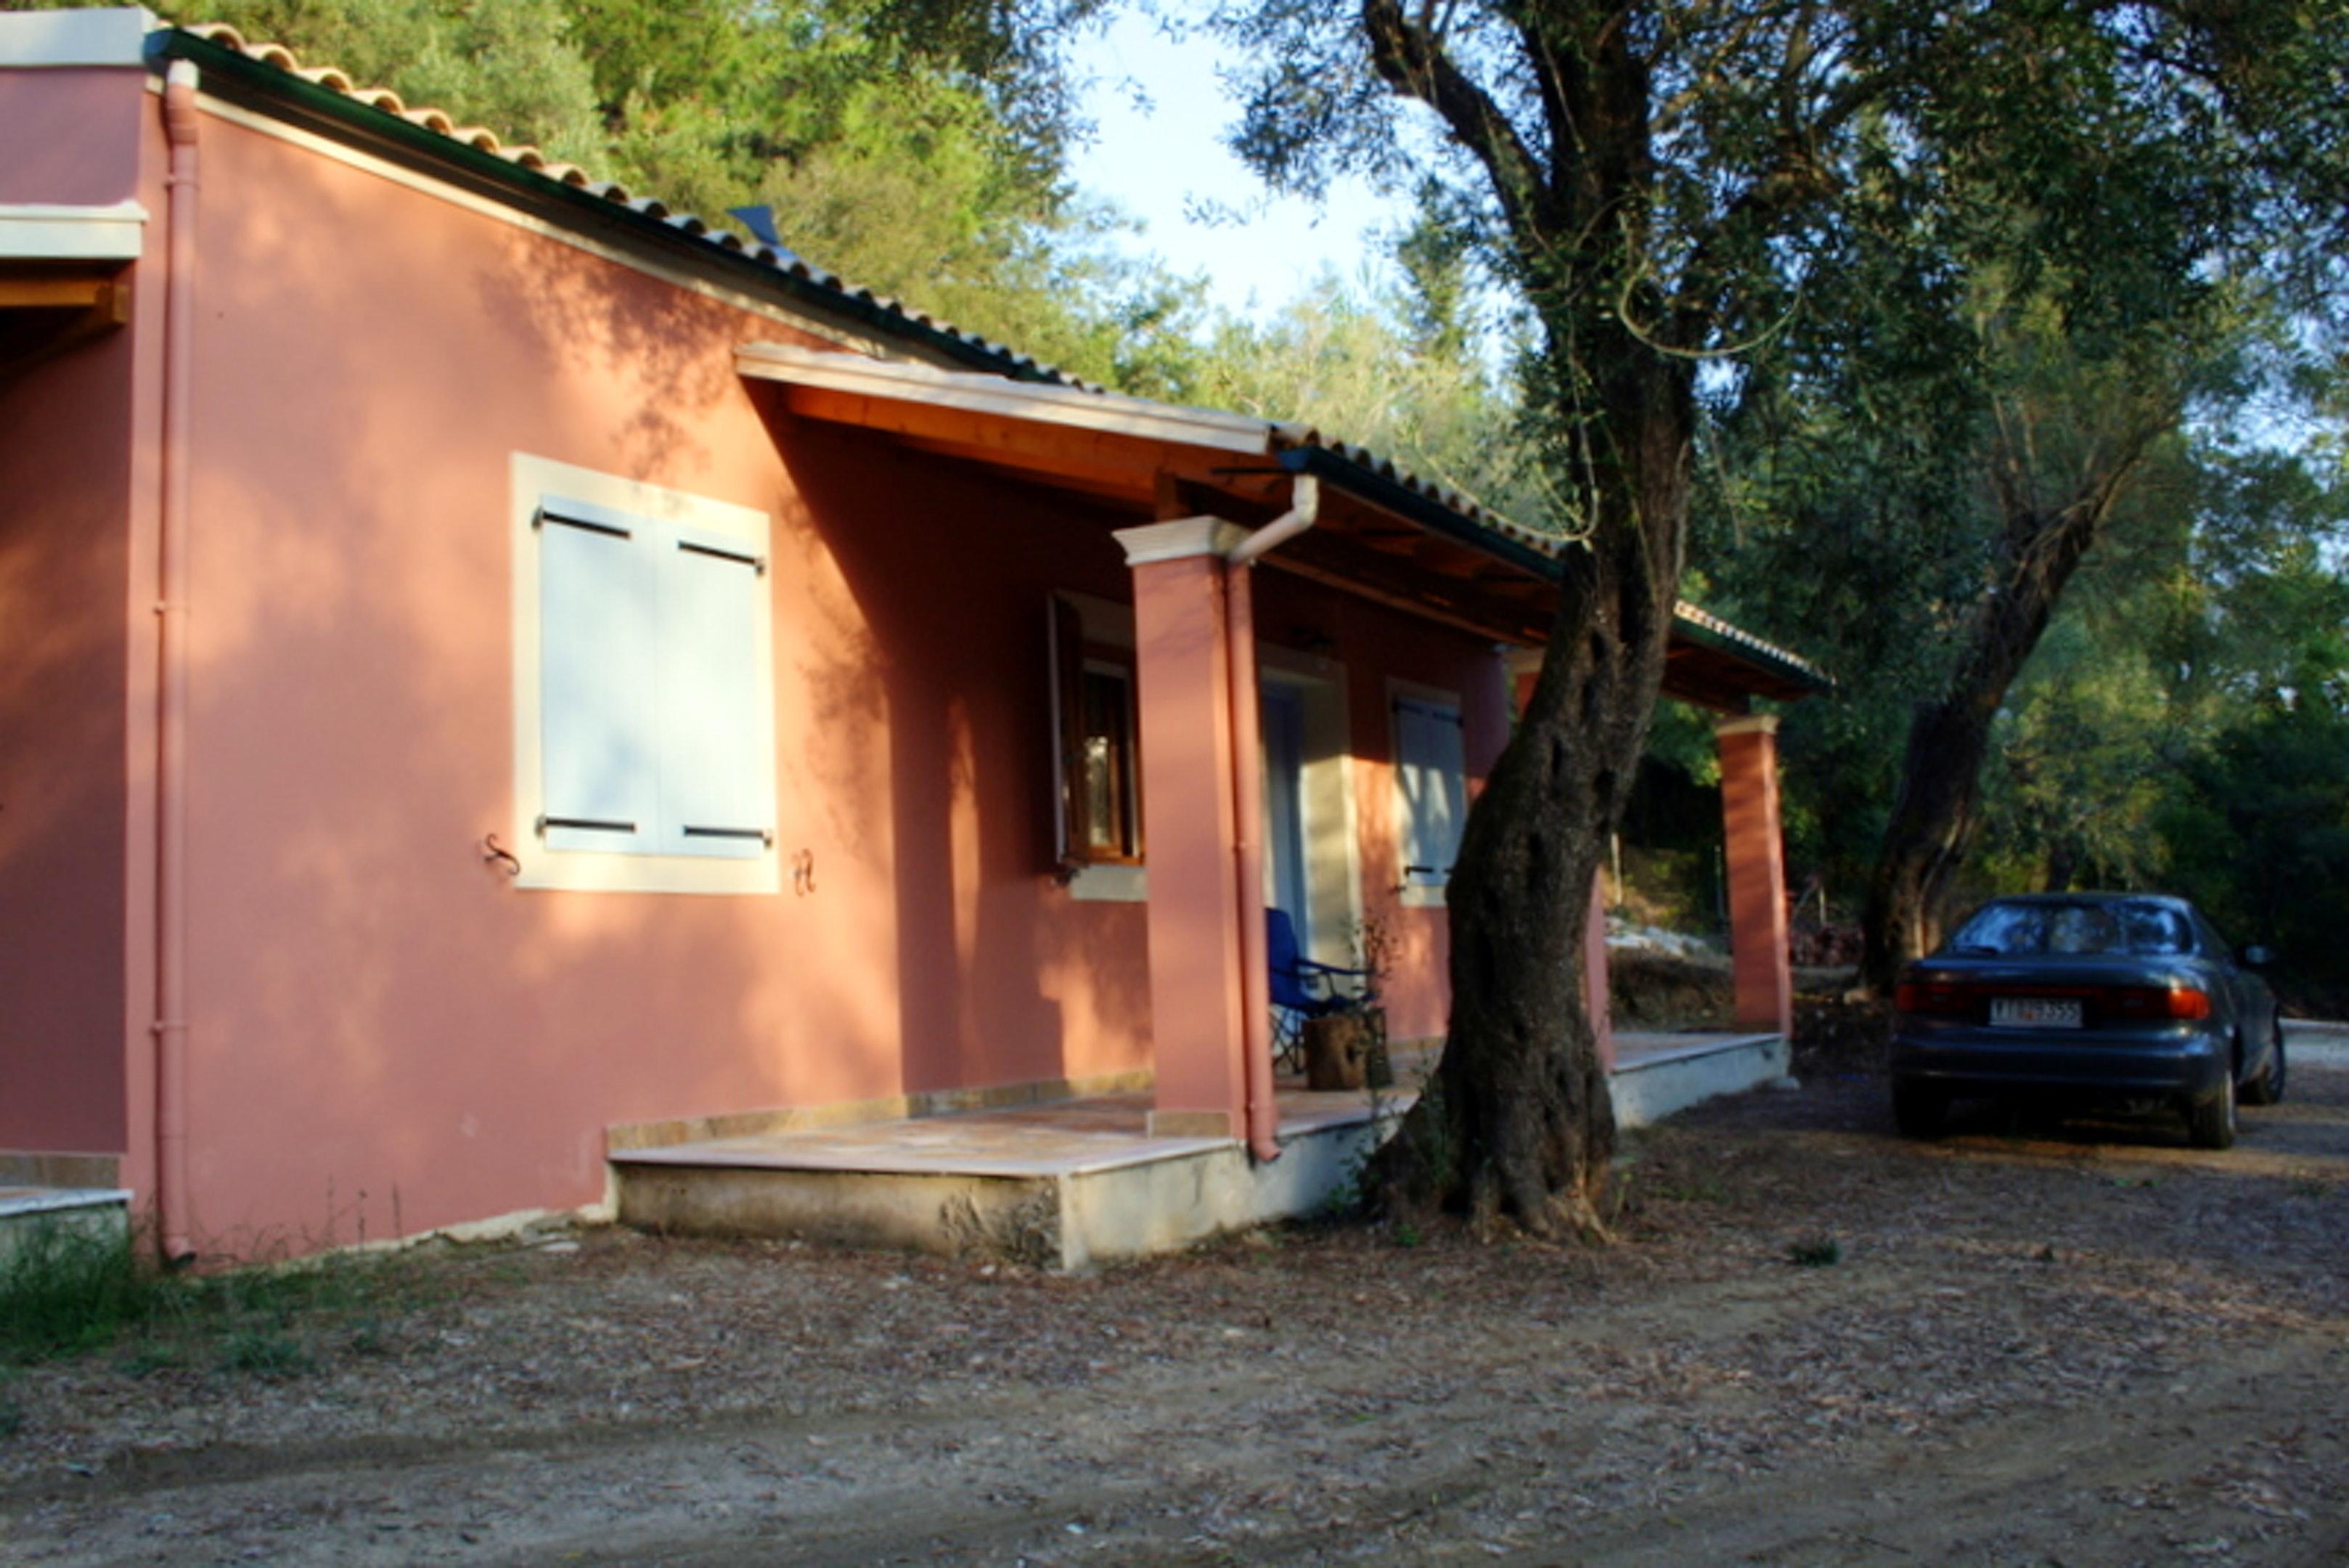 Maison de vacances Haus mit 2 Schlafzimmern in Corfou mit toller Aussicht auf die Berge (2202447), Moraitika, Corfou, Iles Ioniennes, Grèce, image 4